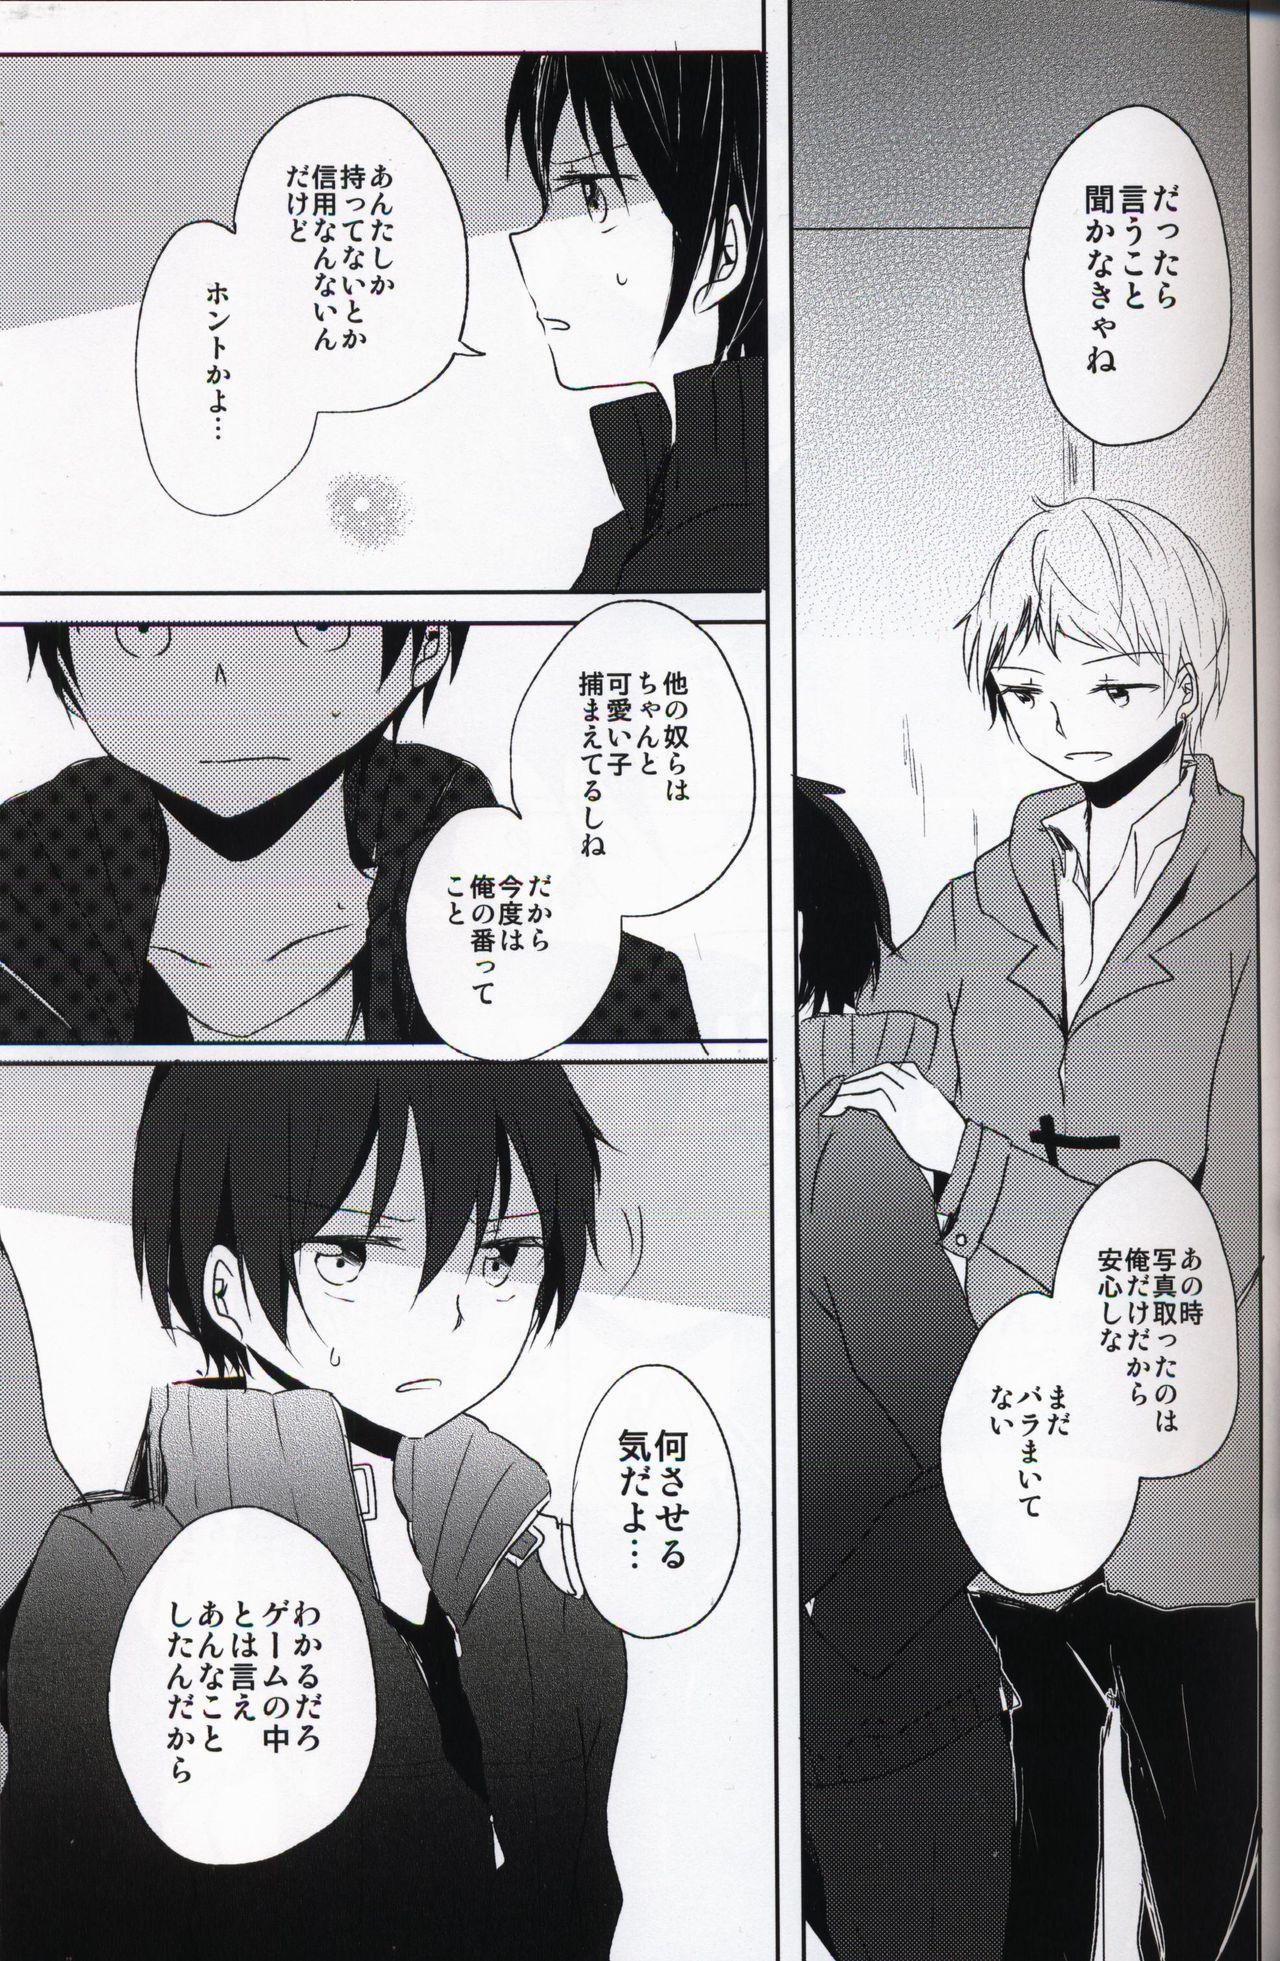 Netorare-kei Danshi. 3